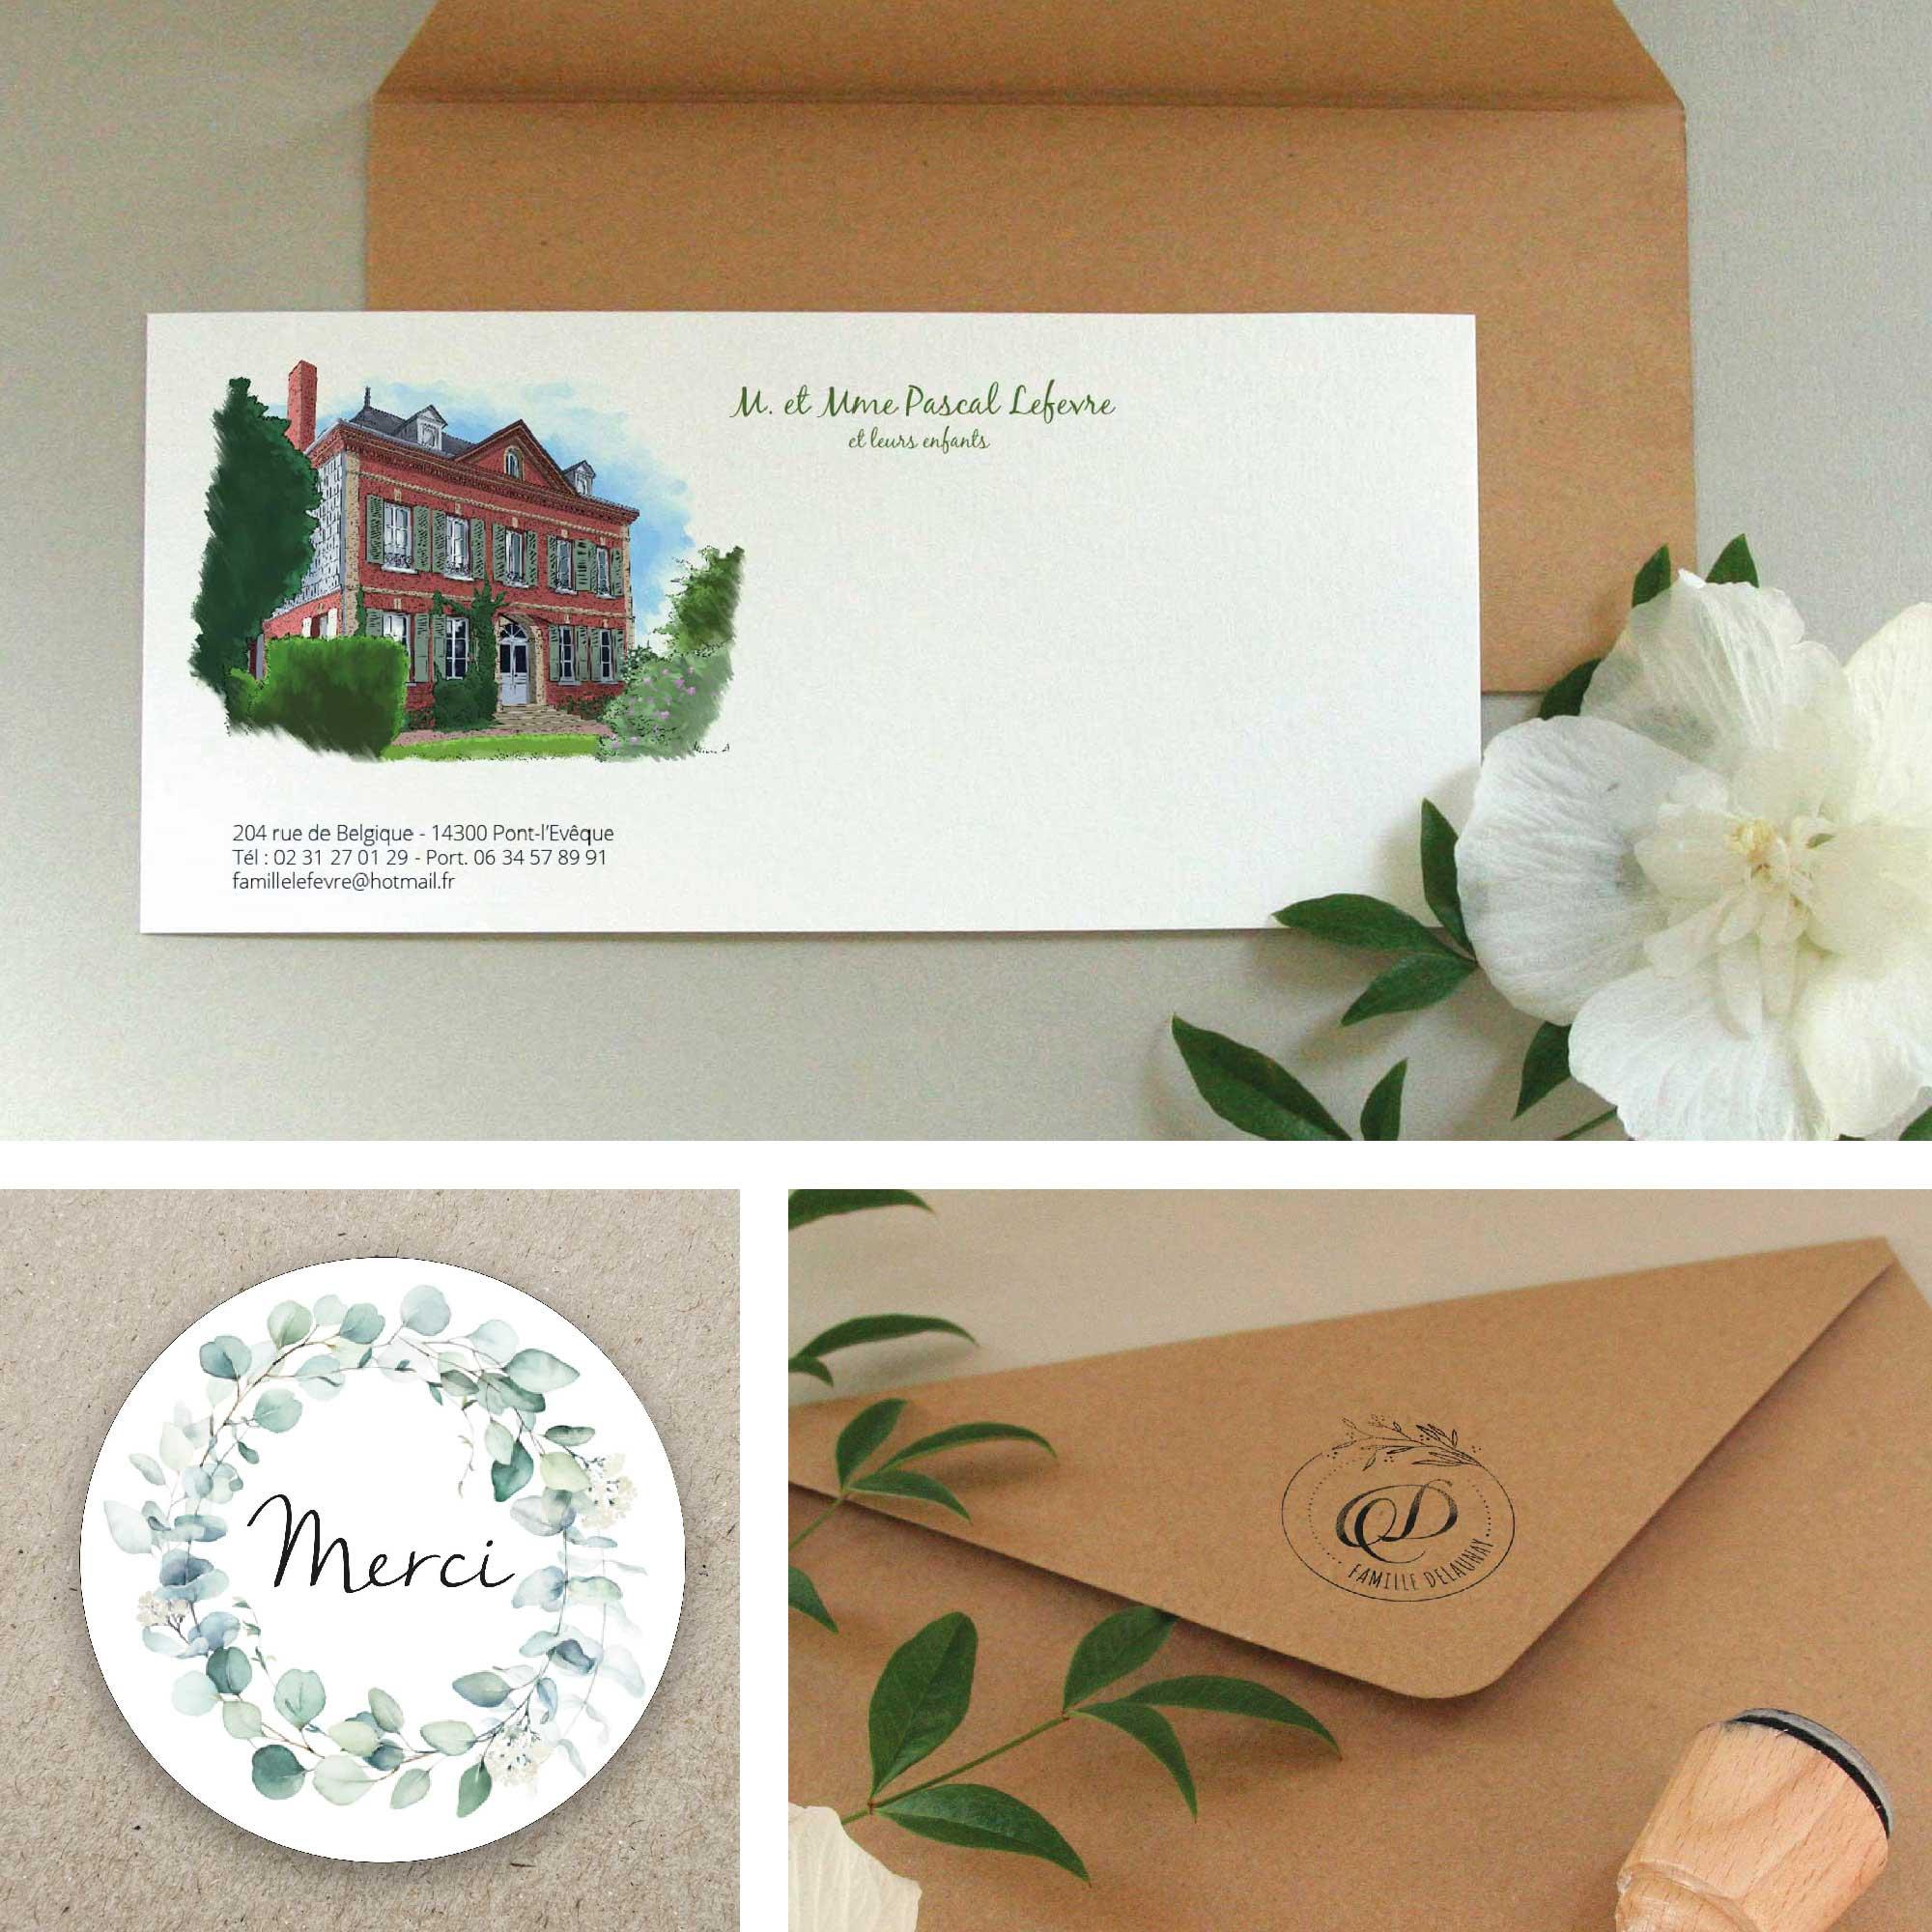 Papeterie décorative et personnalisée : carte, tampon, sticker